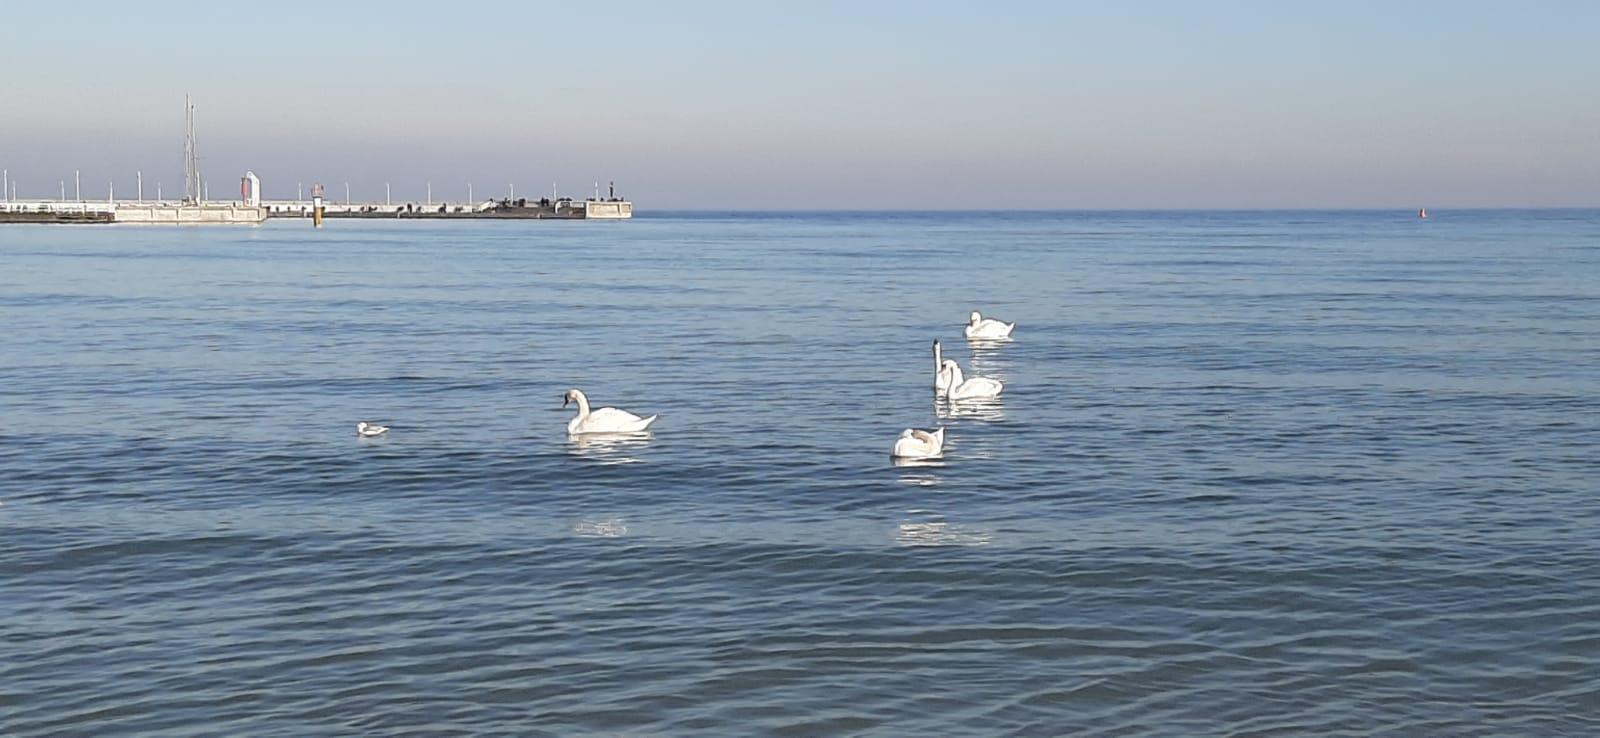 Step in Warsaw - Stadtführerin in Warschau. Vielen Dank dem Heiligen Valentin von Terni für ein schönes Wetter an der Ostsee.:) Ein Blick auf den Pier in Sopot und die Schwäne, 14.02.2020.